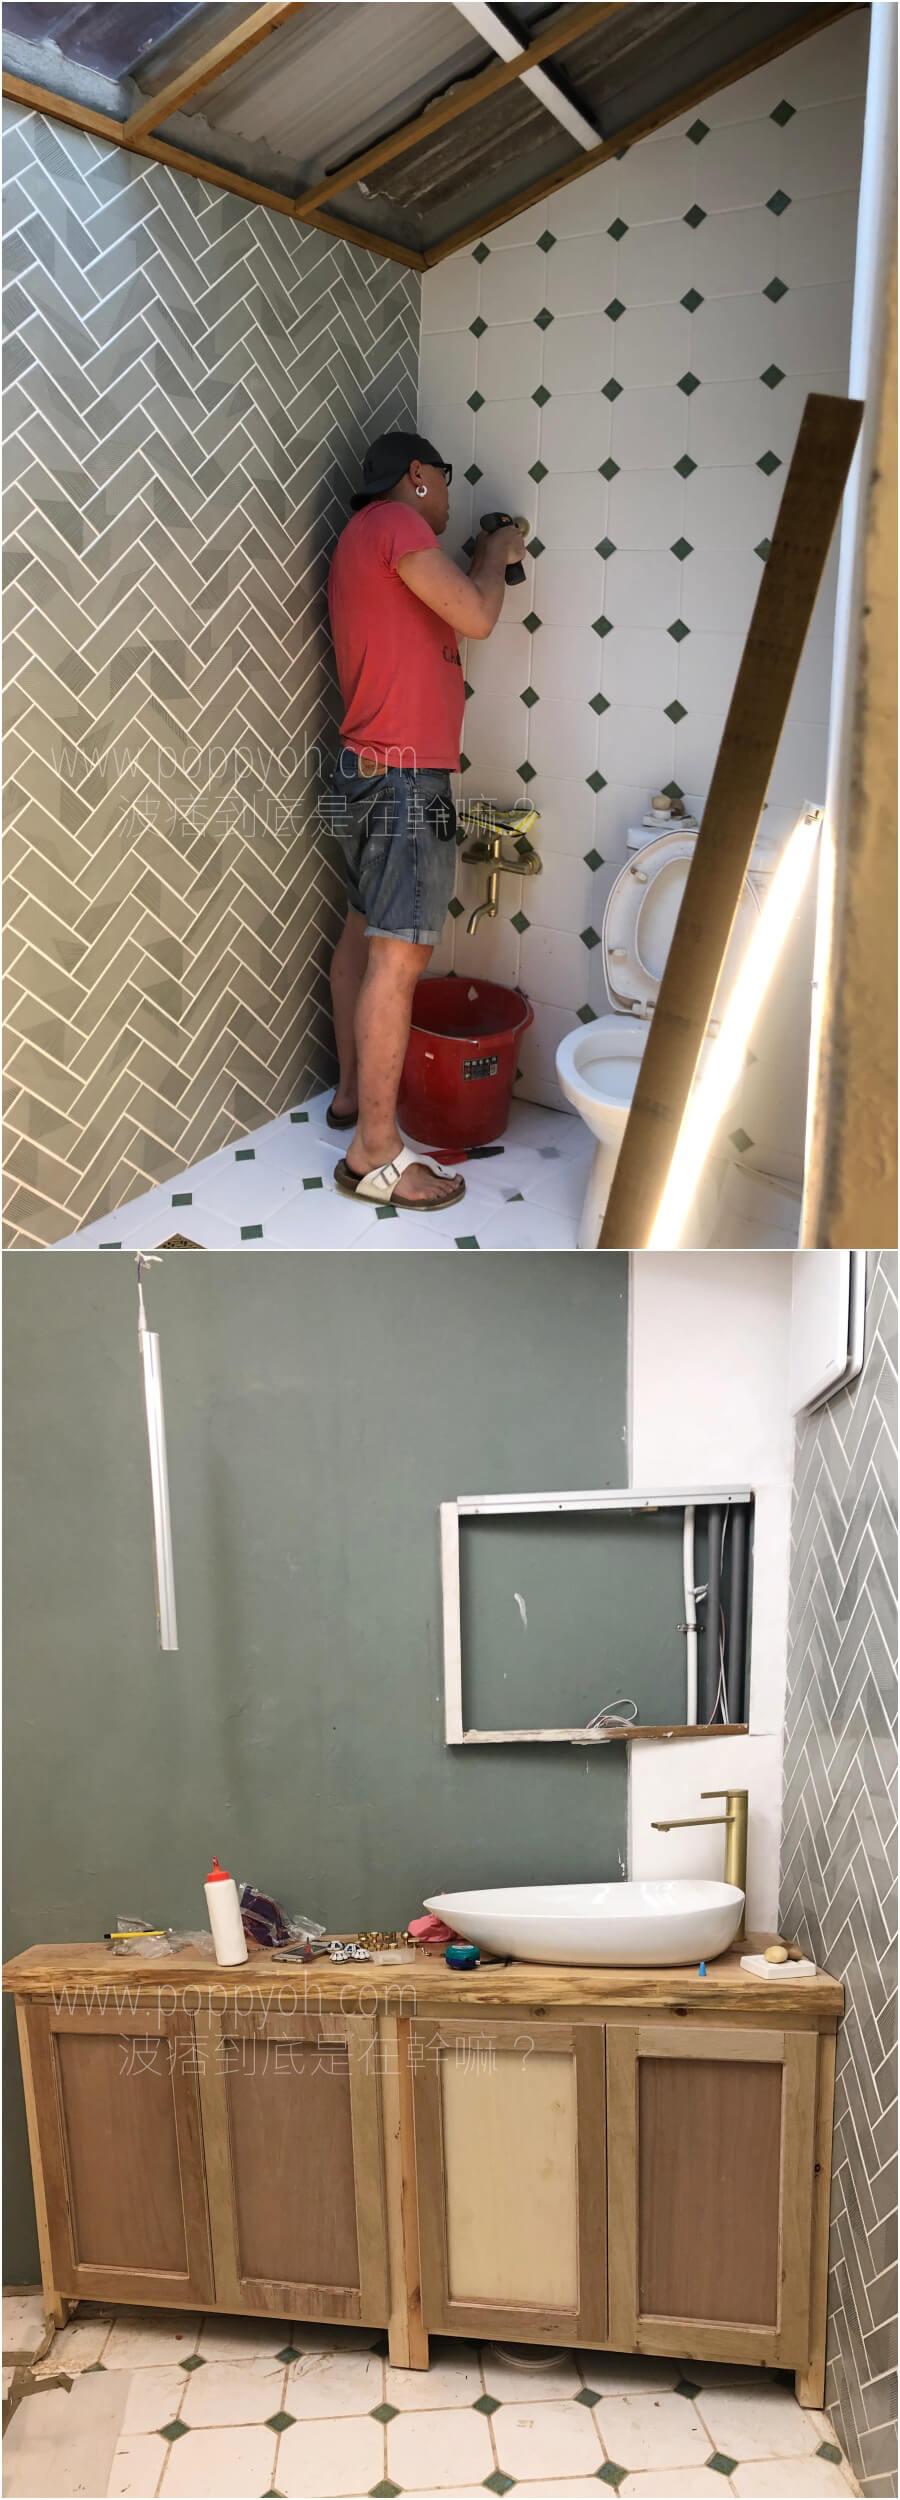 居家改造 廁所 浴室 翻新